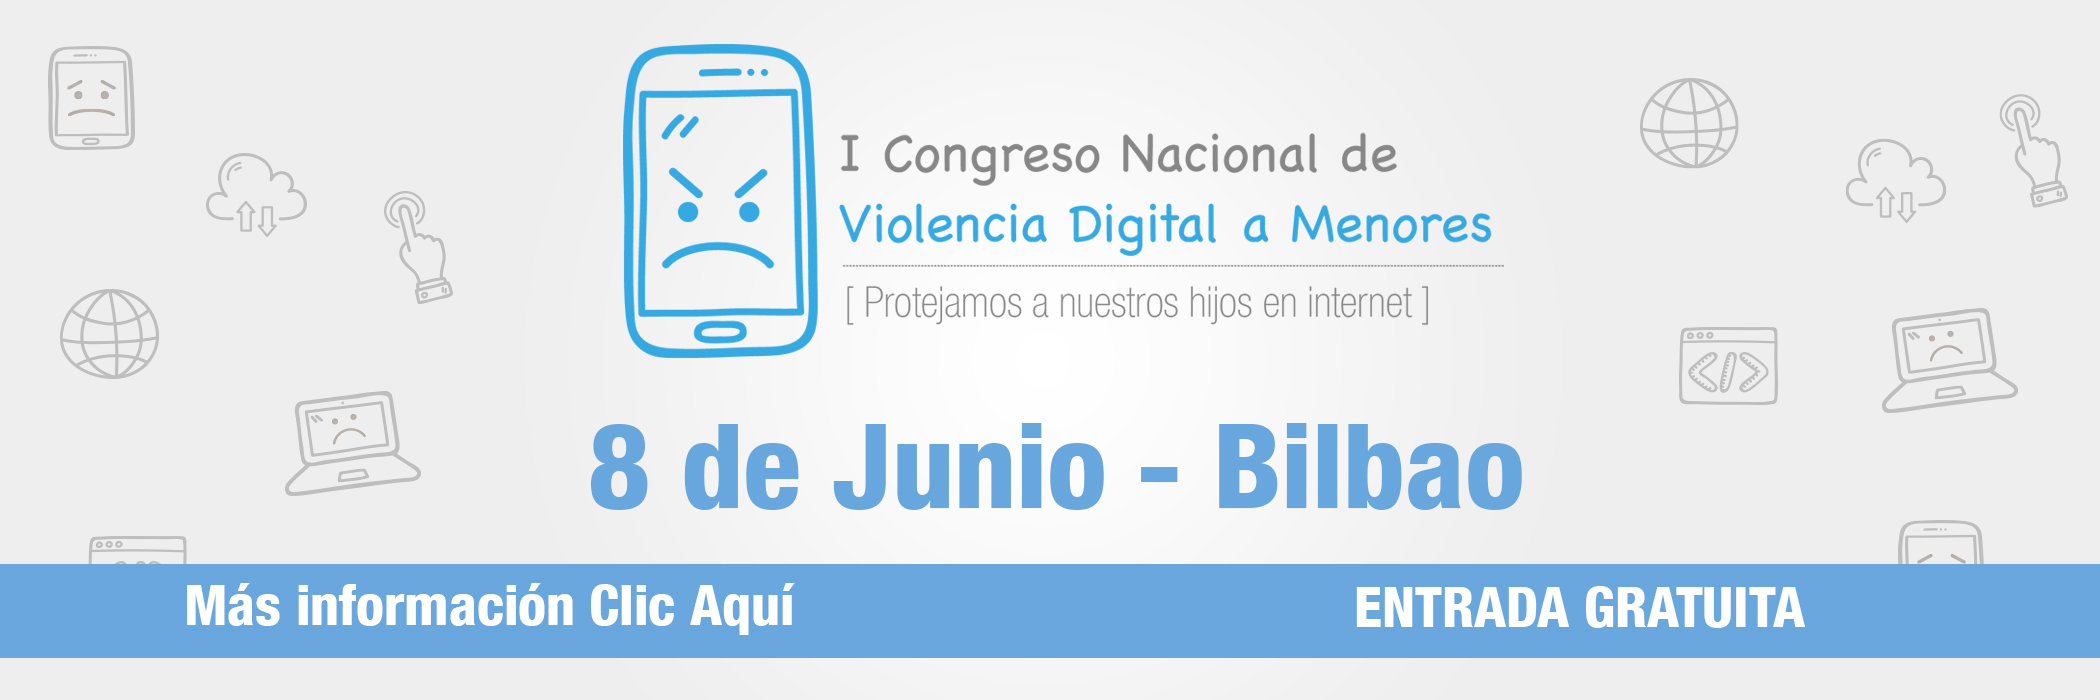 congreso violencia digital a menores